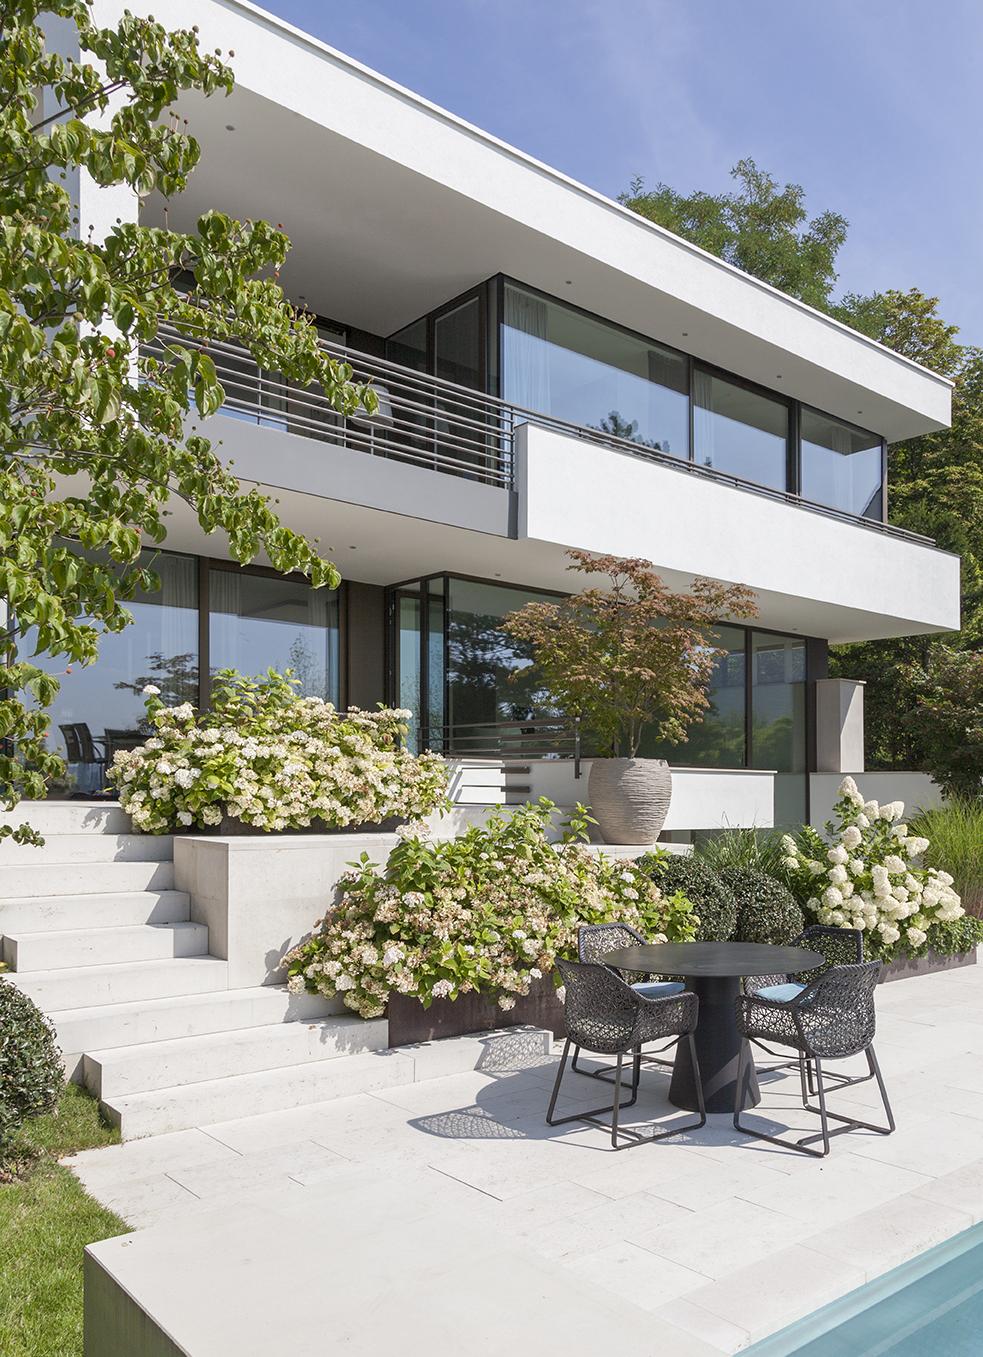 projekt haus bs stuttgart deutschland architekten bda fuchs wacker. Black Bedroom Furniture Sets. Home Design Ideas